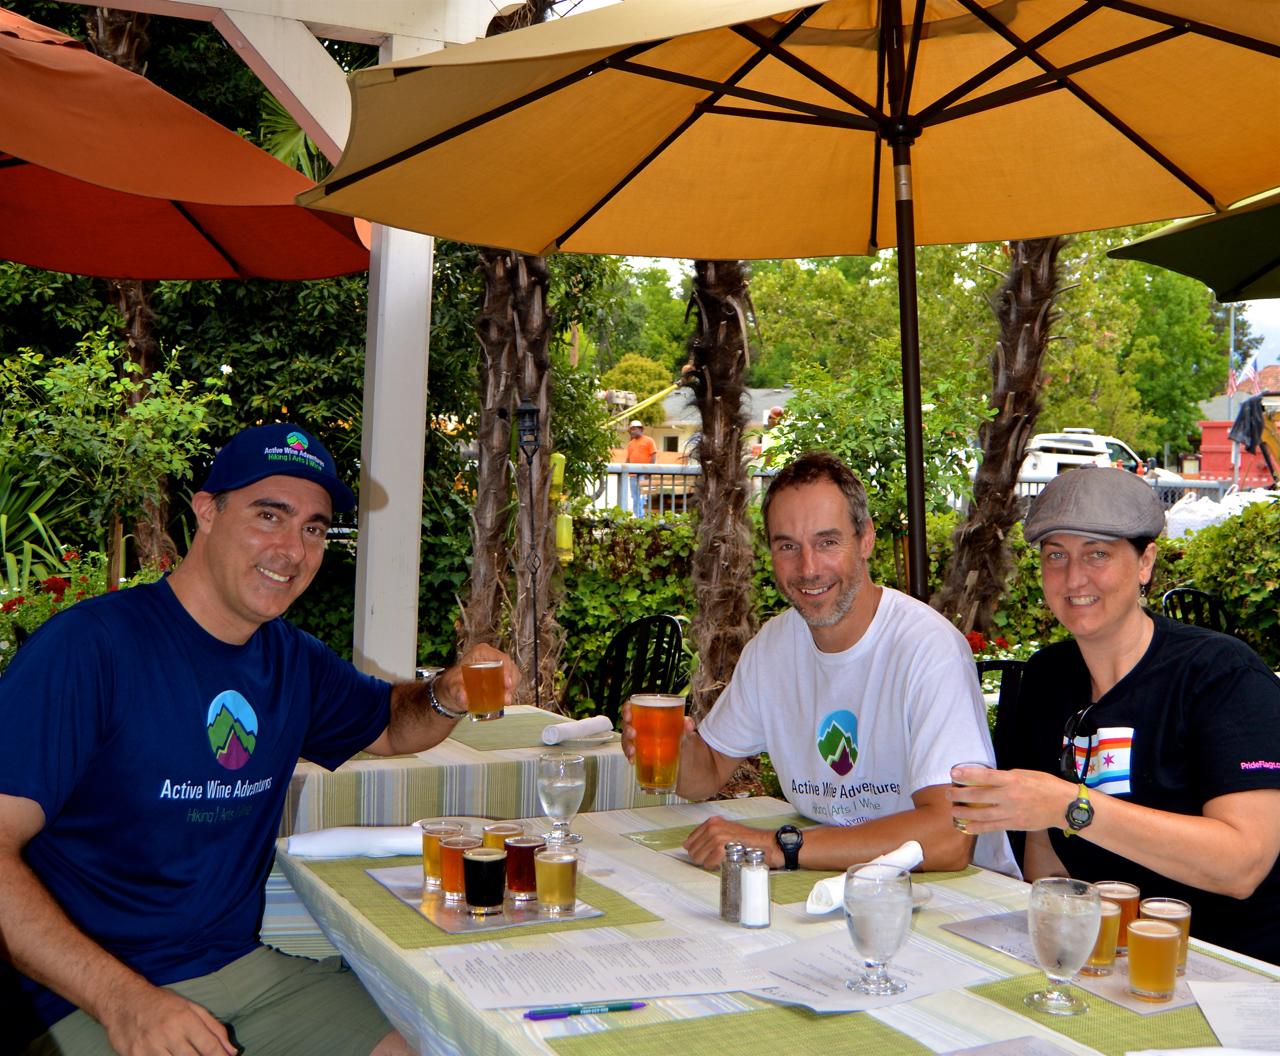 Napa Hike & Beer Tour #3